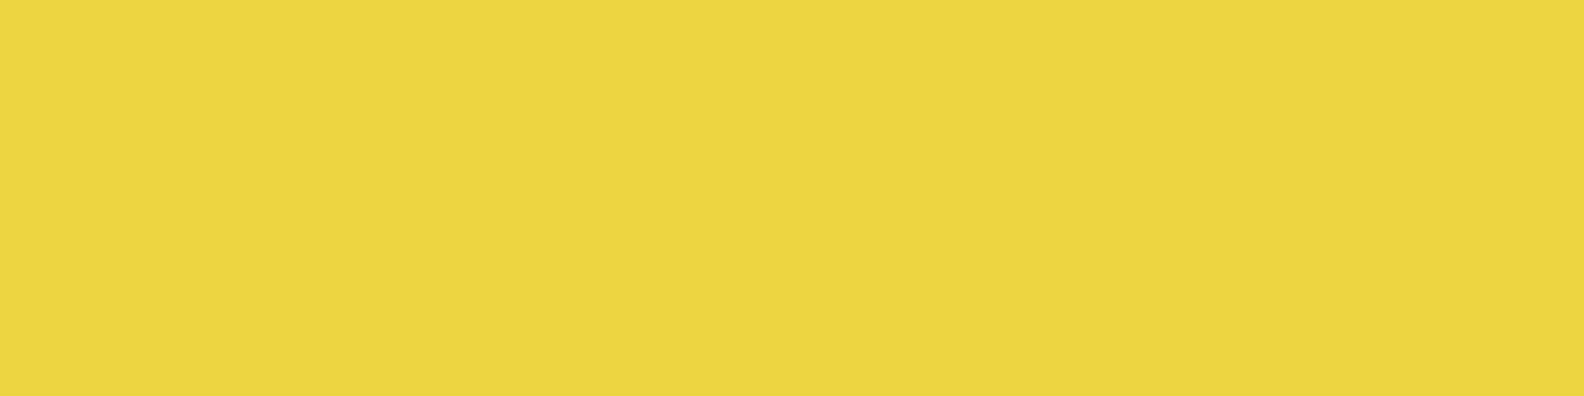 1584x396 Sandstorm Solid Color Background